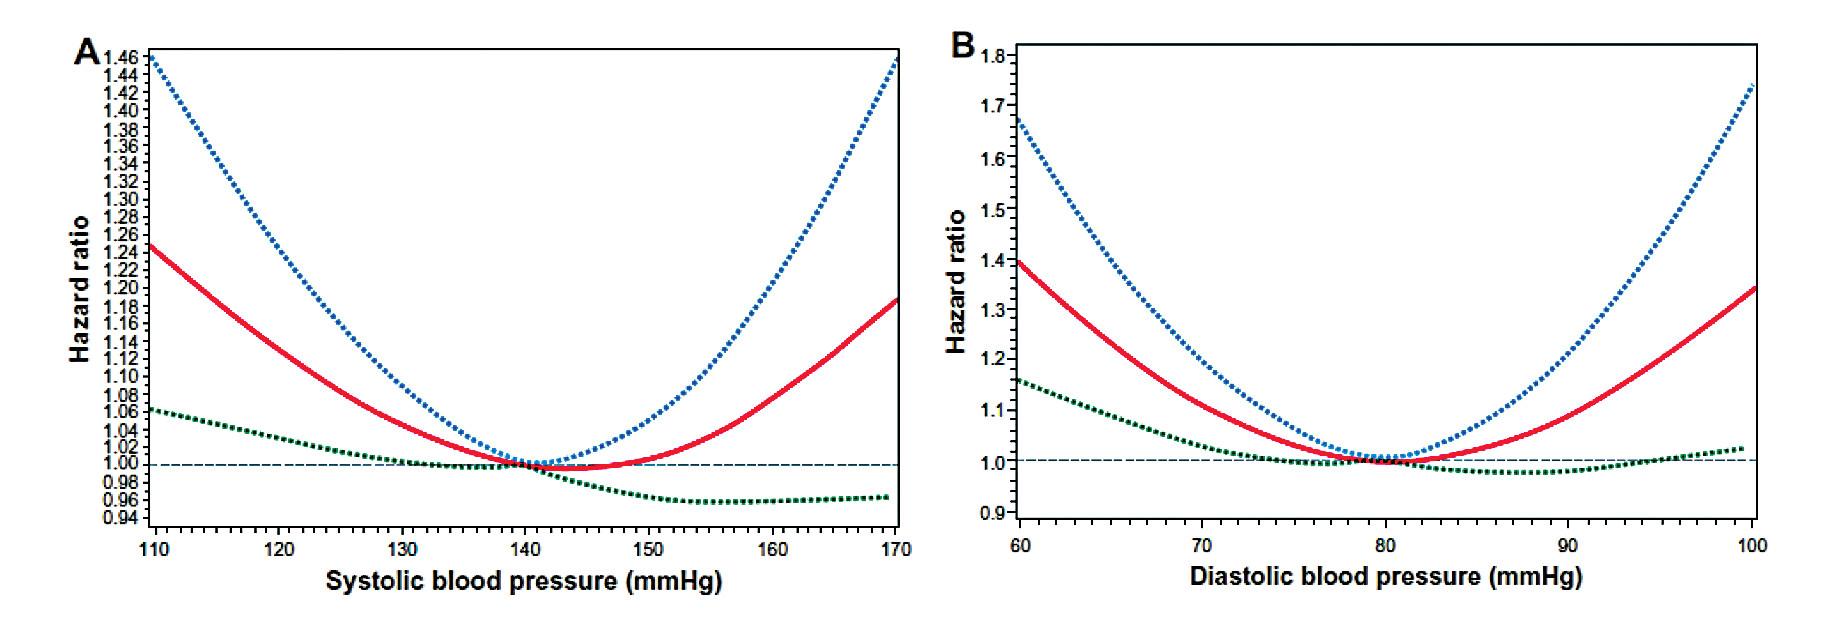 Riziko kardiovaskulárních událostí v závislosti na hodnotách systolického a diastolického krevního tlaku ve studii Treating to New Targets (TNT)<sup>(4)</sup>. Červená křivka HR, tečkované křivky 95% interval confidence